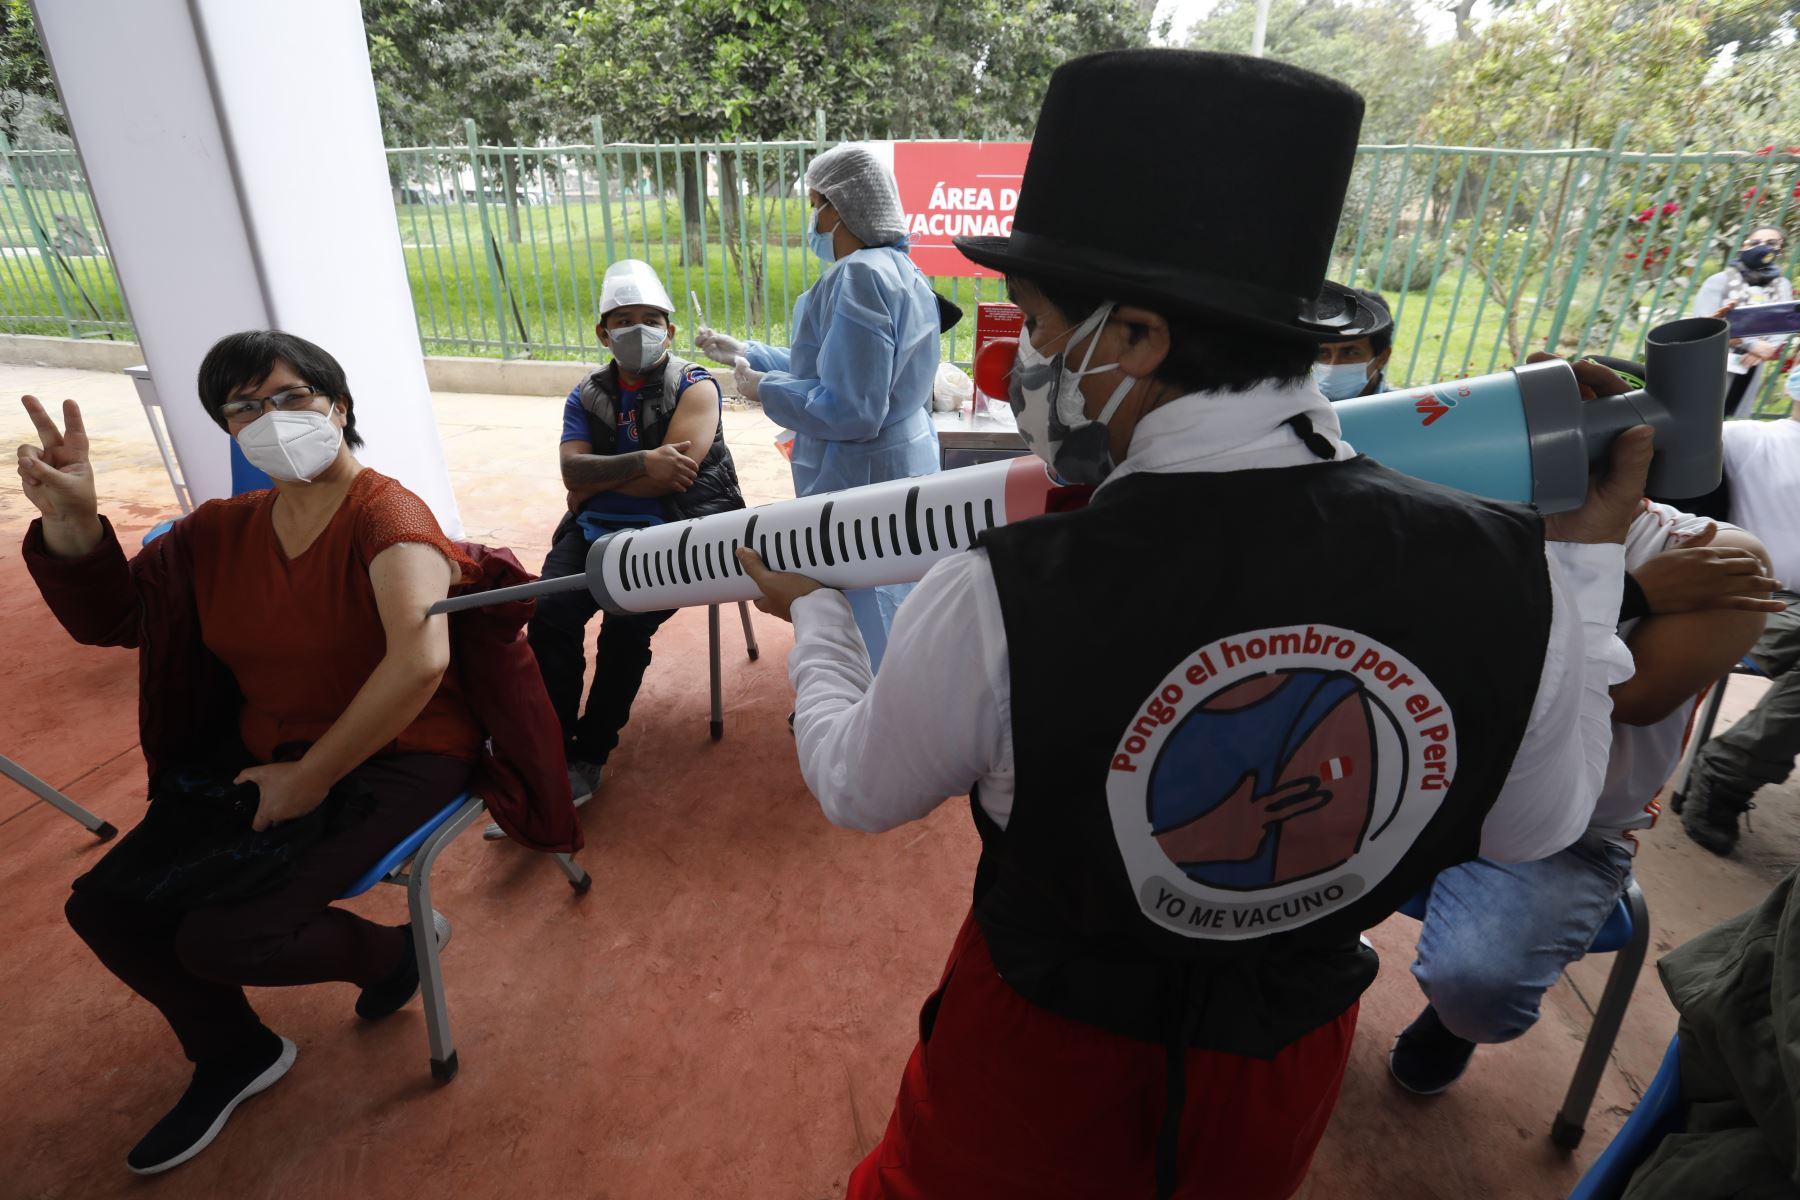 Ministerio de Salud inició la tercera Vacunatón contra la COVID-19, se empezó a inmunización a los adolescentes desde los 12 años con comorbilidades vulnerables a la pandemia. Foto: ANDINA/Minsa